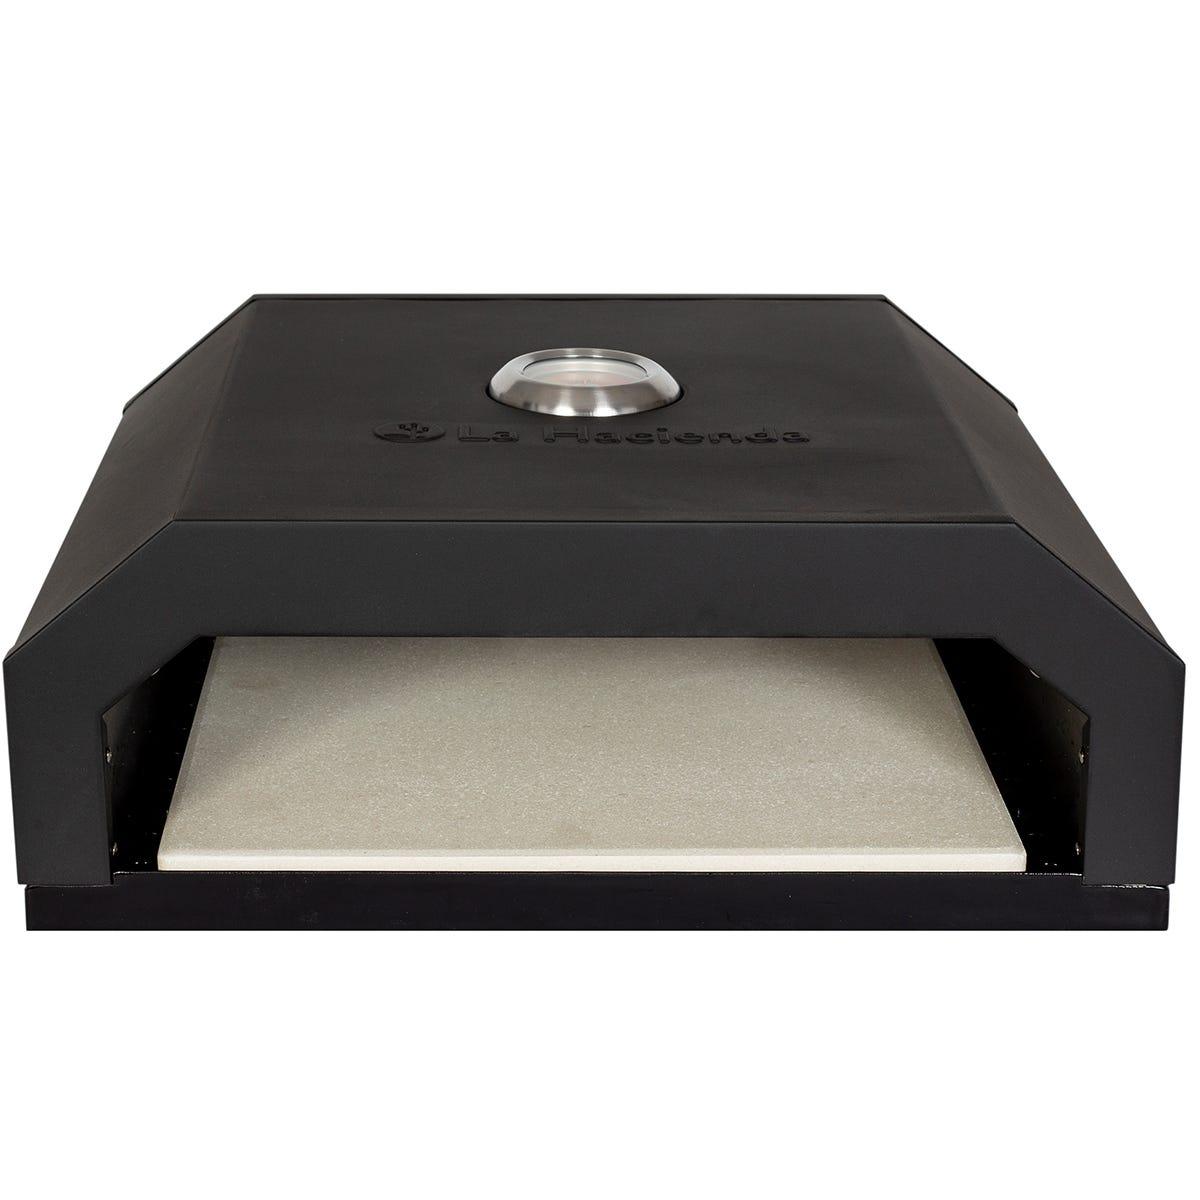 La Hacienda Firebox BBQ Pizza Oven - Black